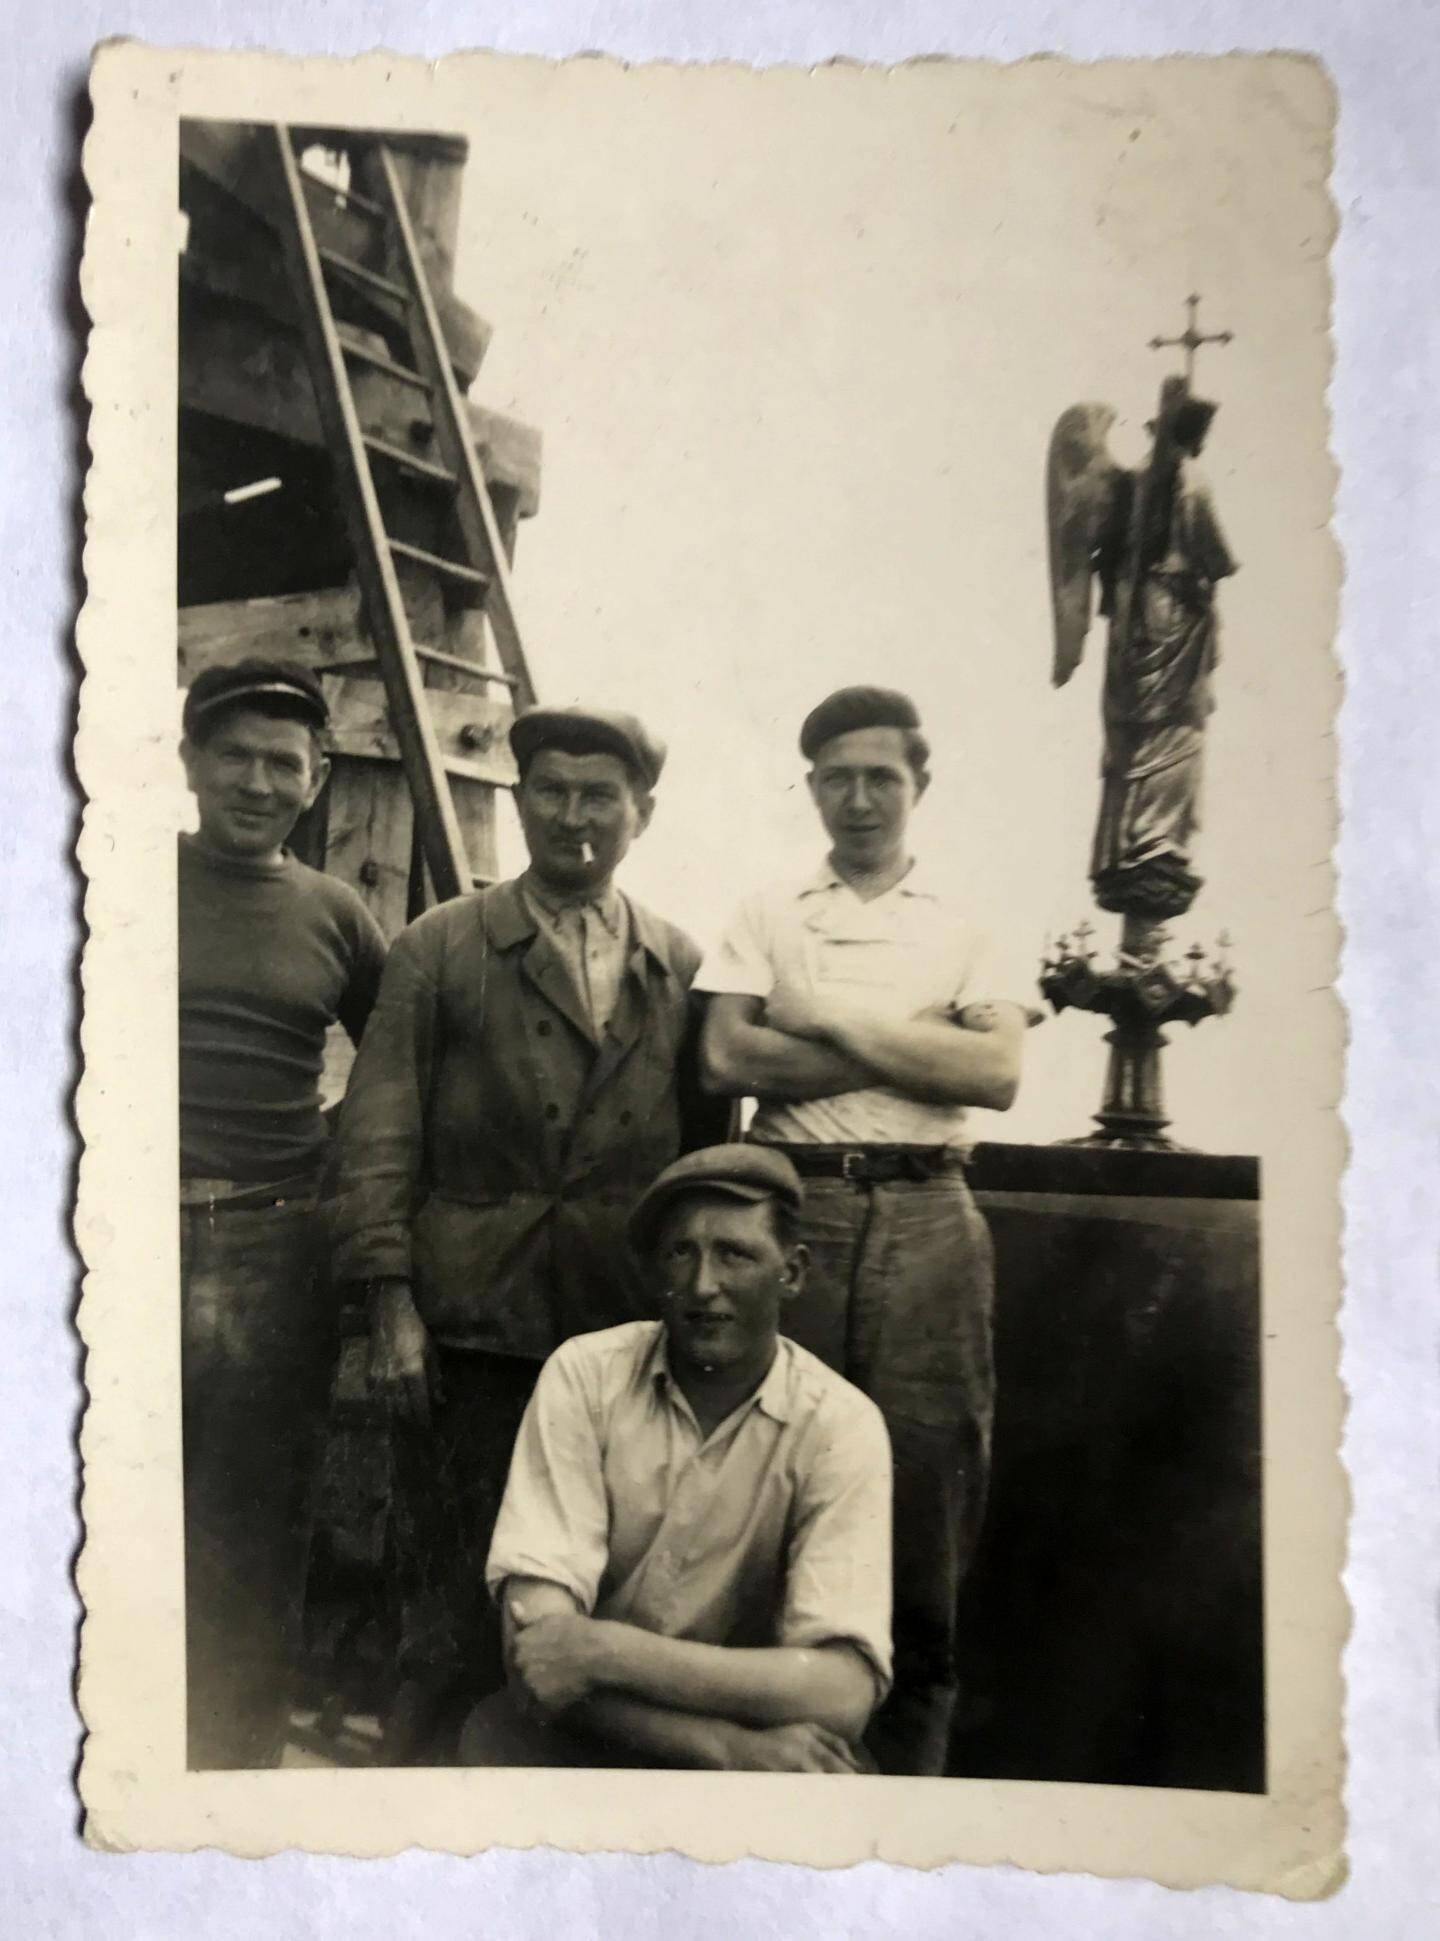 Un groupe d'ouvriers sur le toit de Notre-Dame en 1938 : le grand-père de Michel est celui avec la cigarette au bec, et le père, avec les bras croisés.